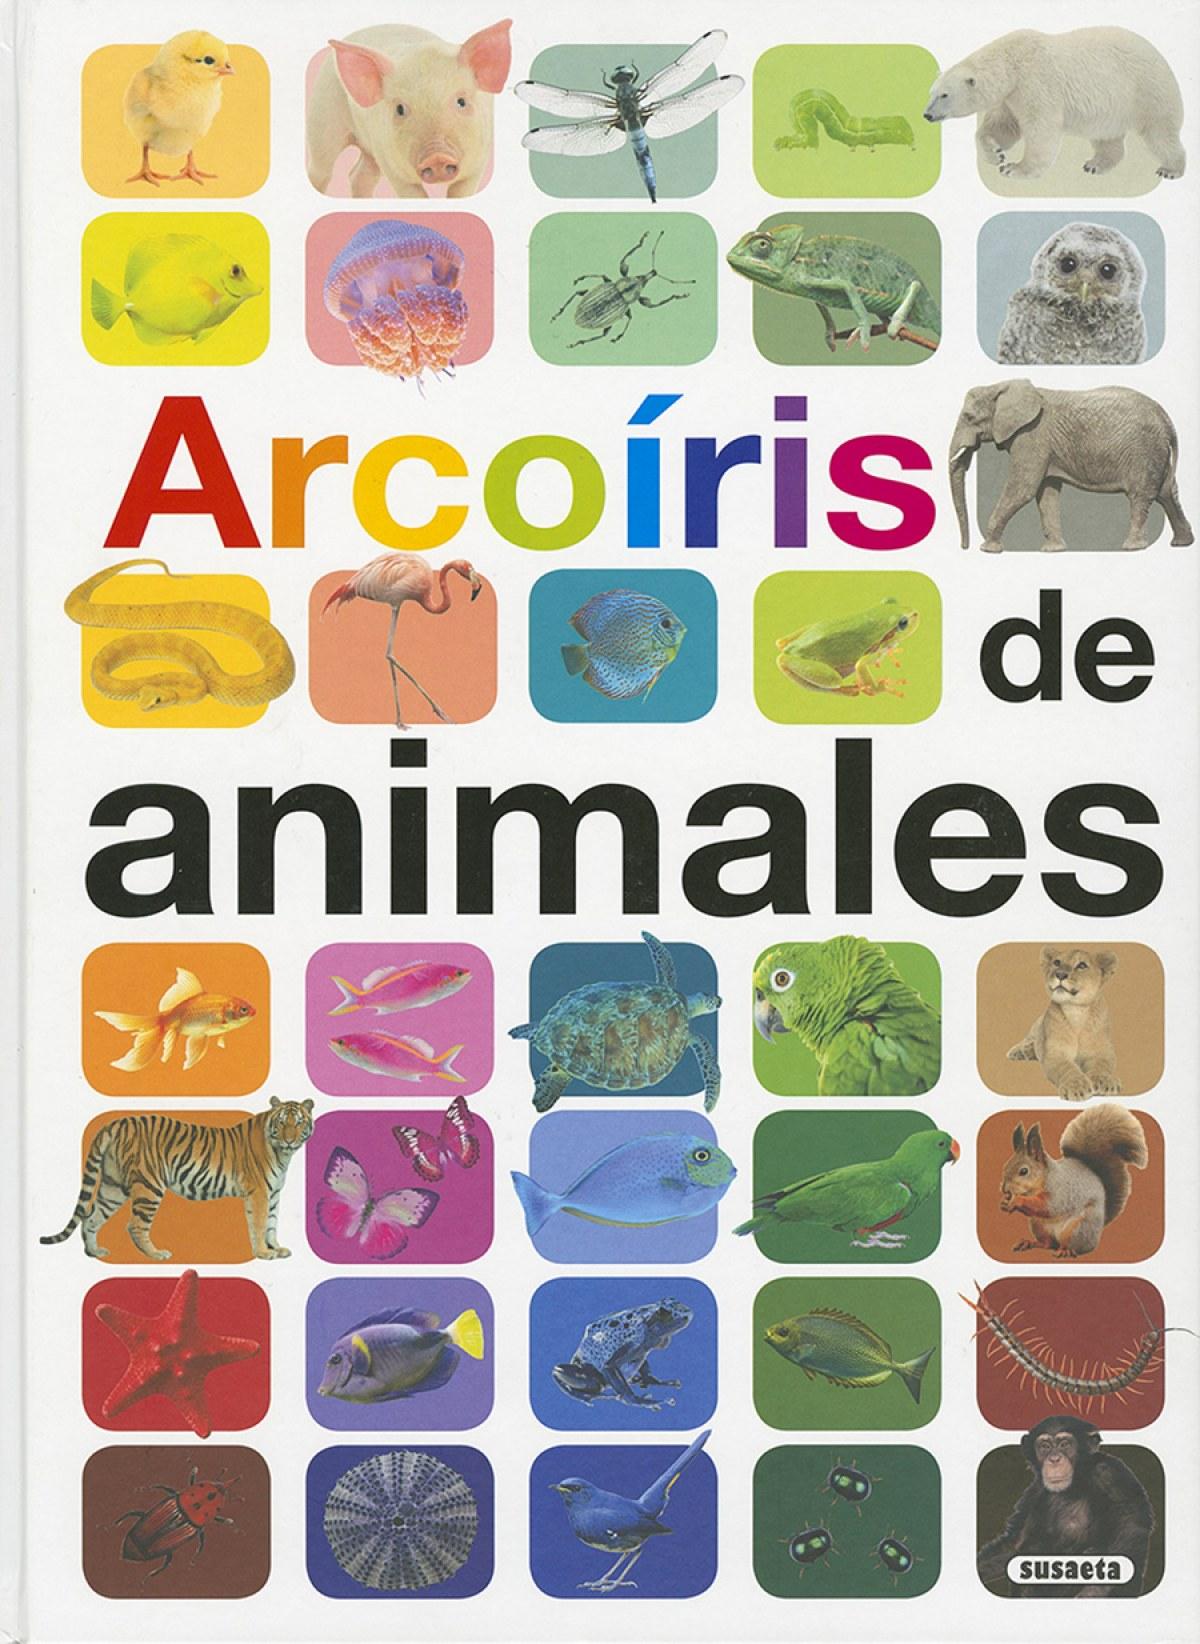 ARCOIRIS DE ANIMALES 9788467754308